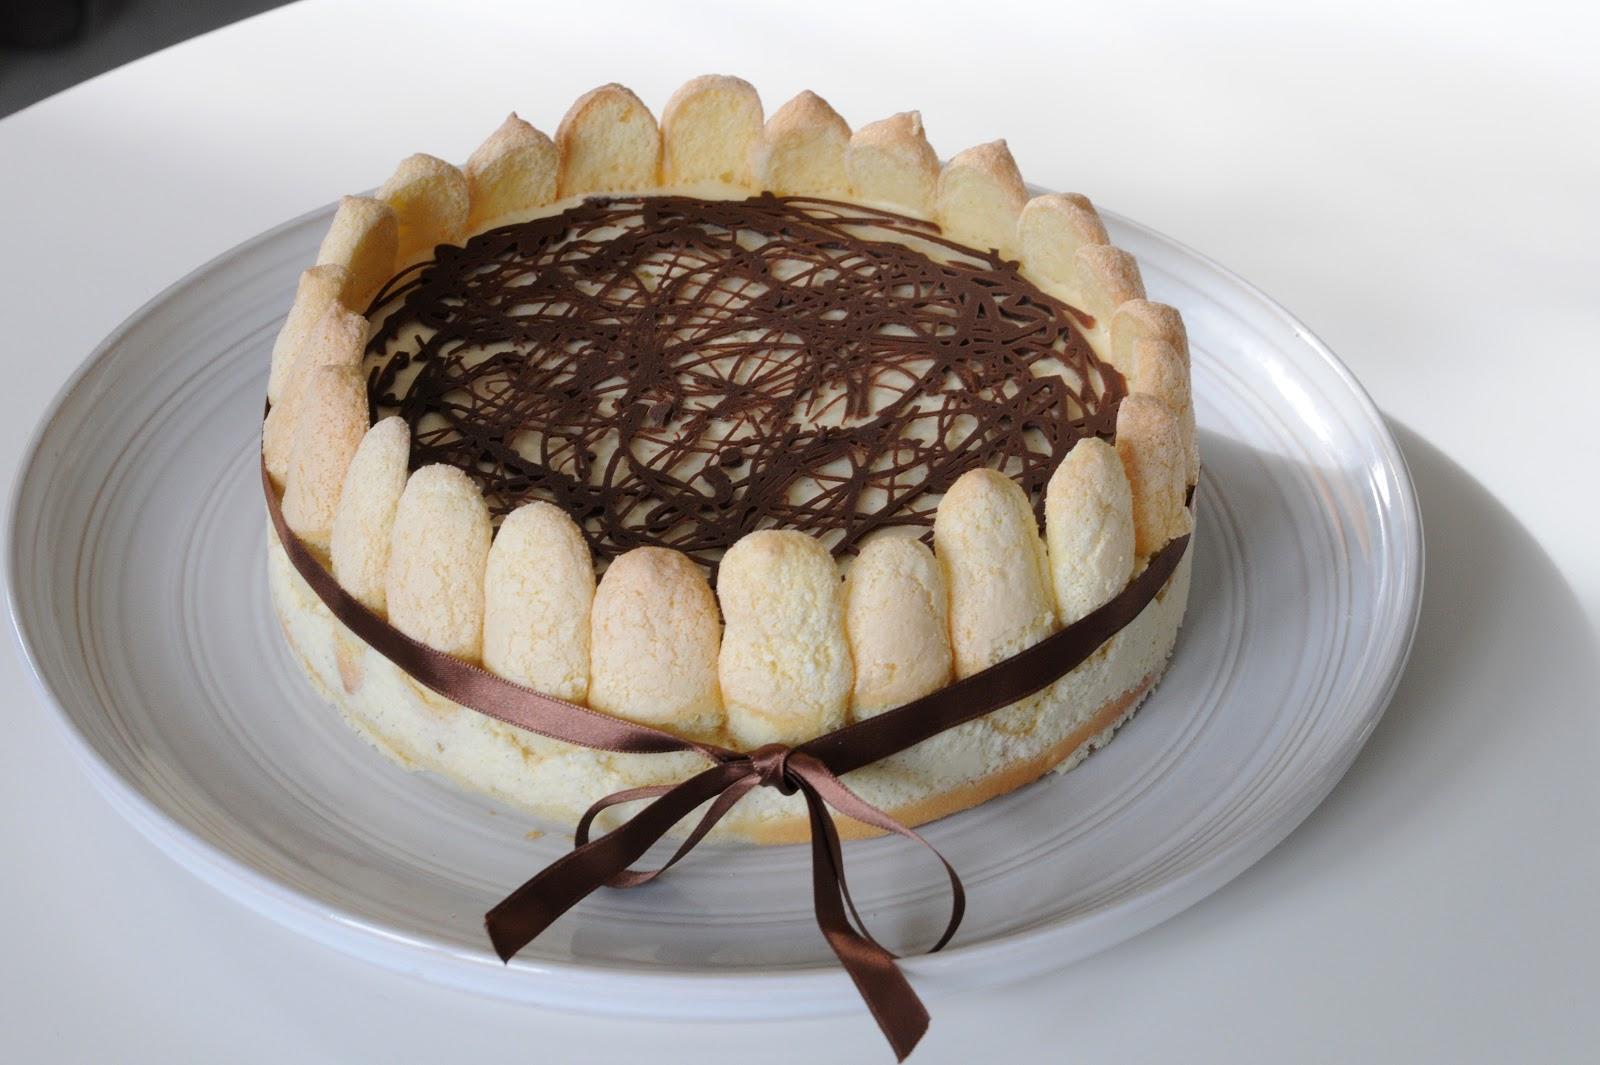 Decoration Gateau Charlotte Au Chocolat : Desserts chacun charlotte aux poires et sauce au chocolat